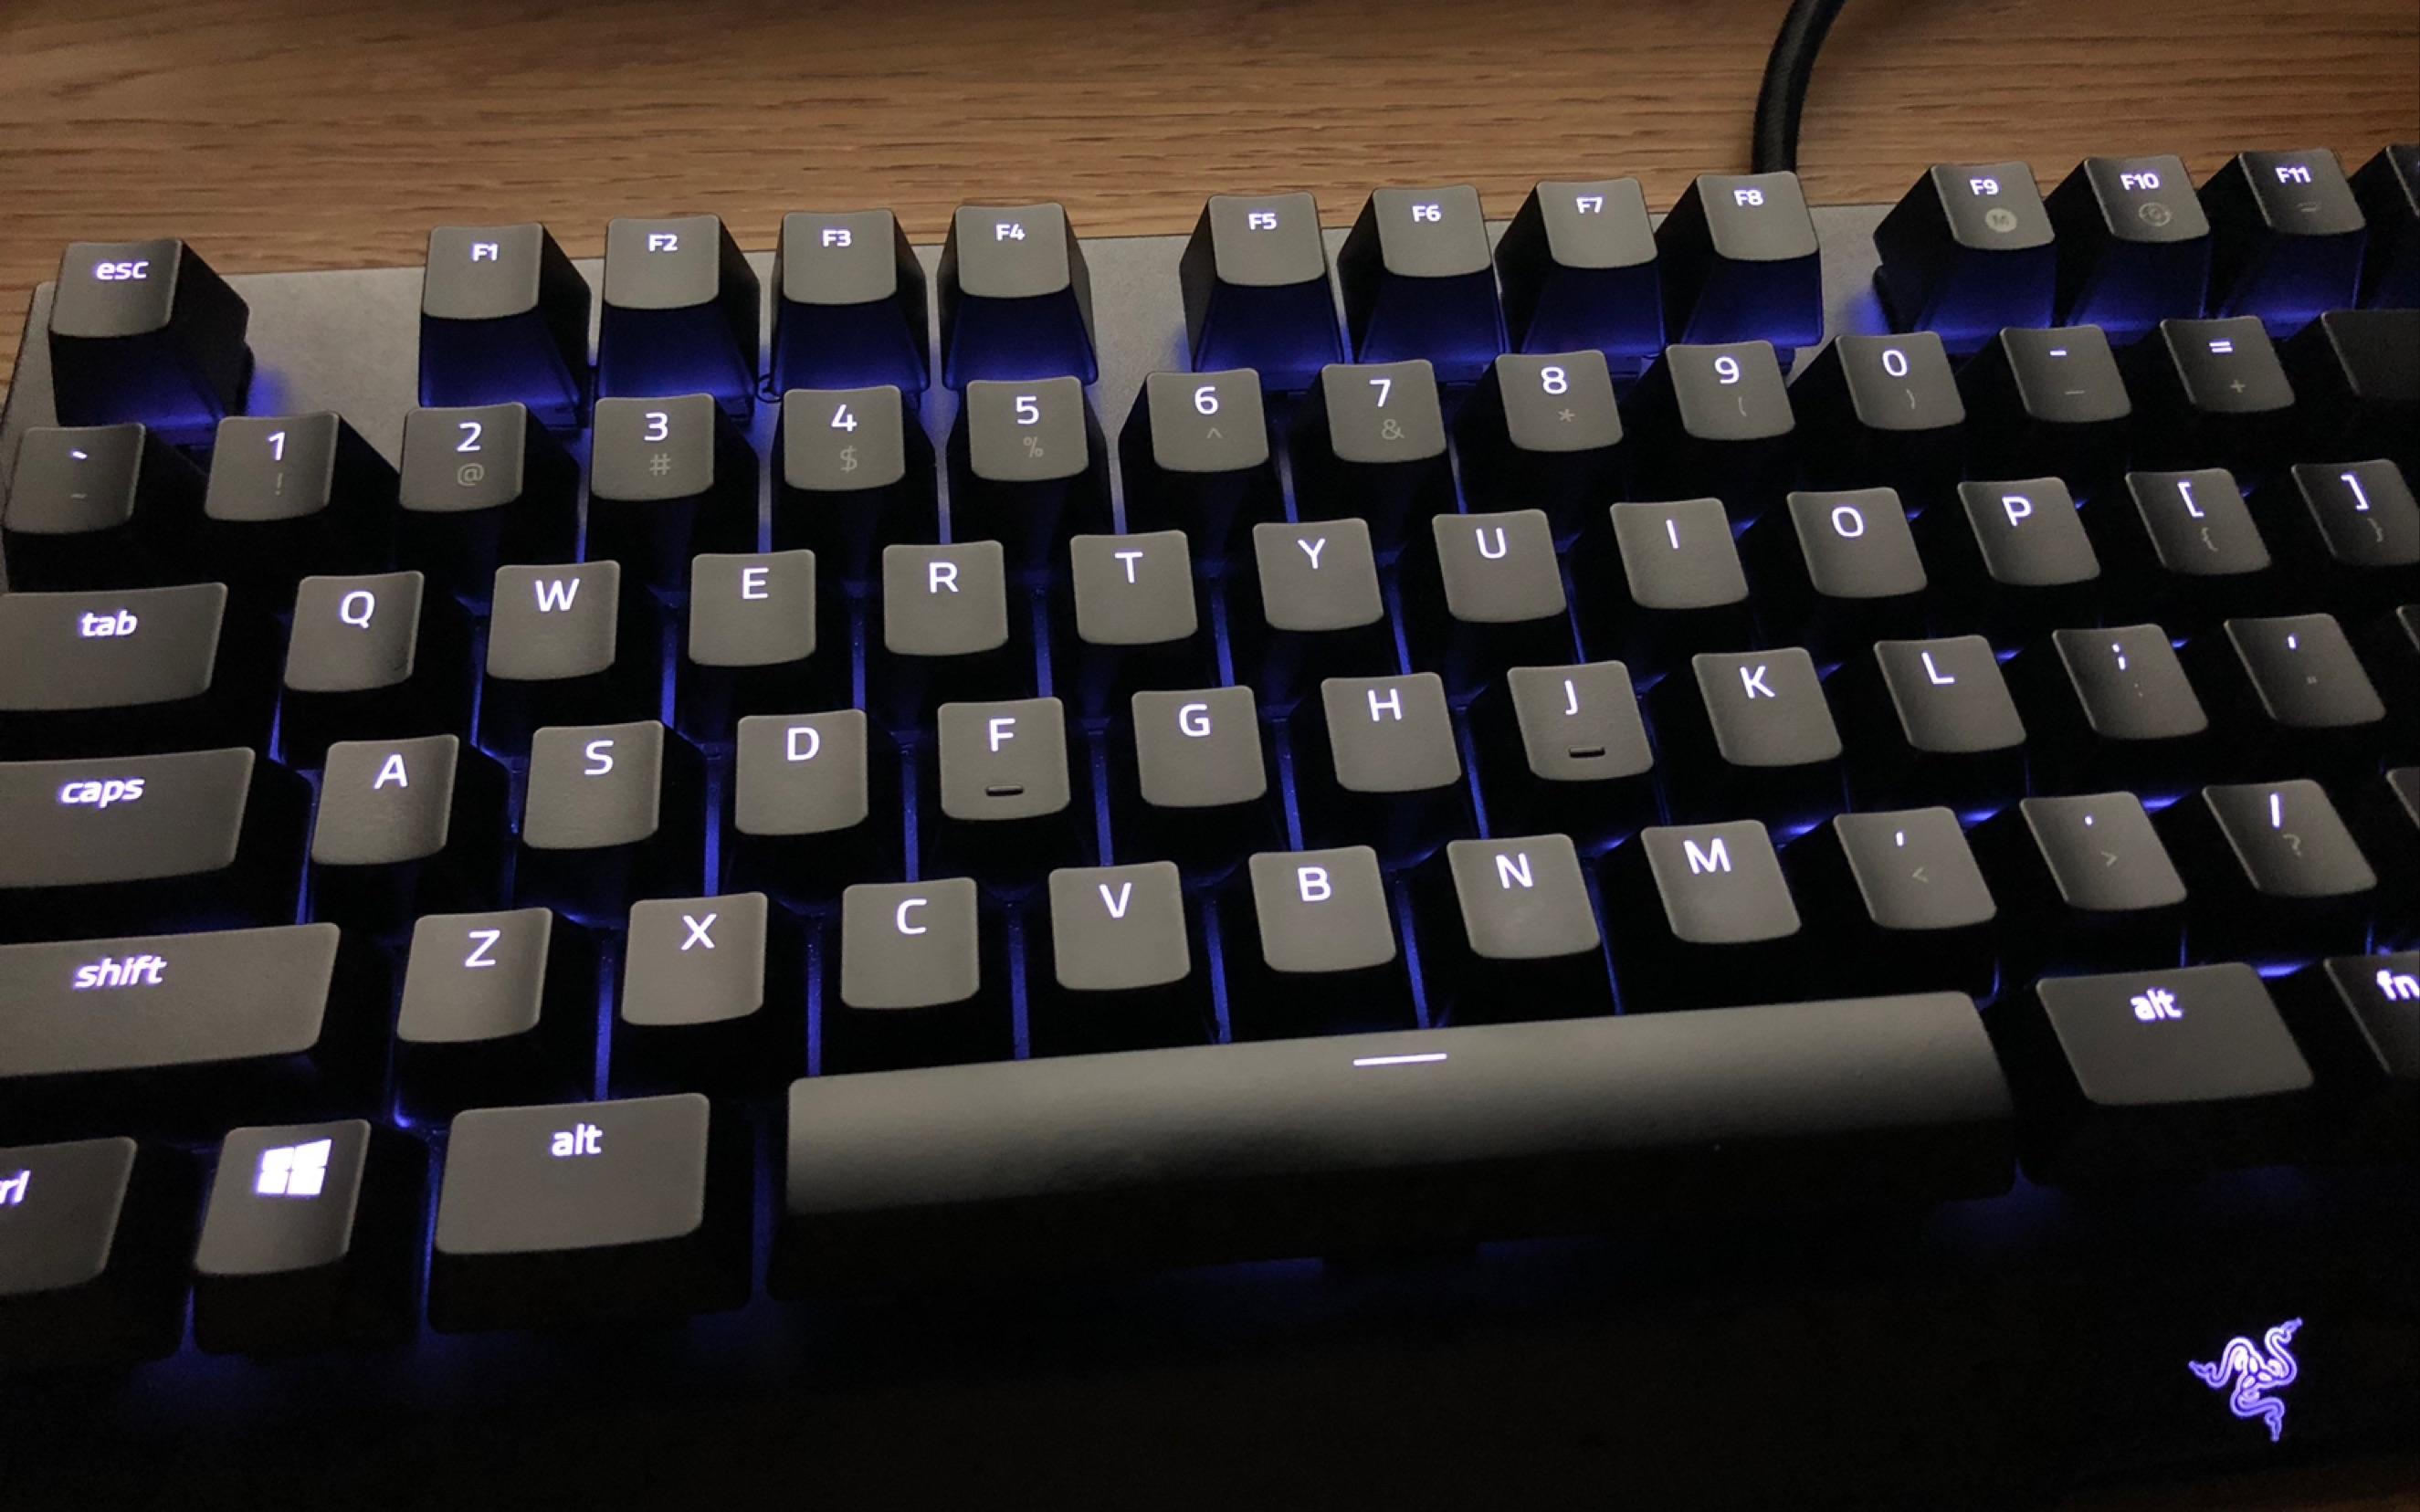 黑轴机械键盘声音_【机械键盘打字声】【雷蛇黄轴】RGB YES!Razer黑寡妇蜘蛛精英版 ...